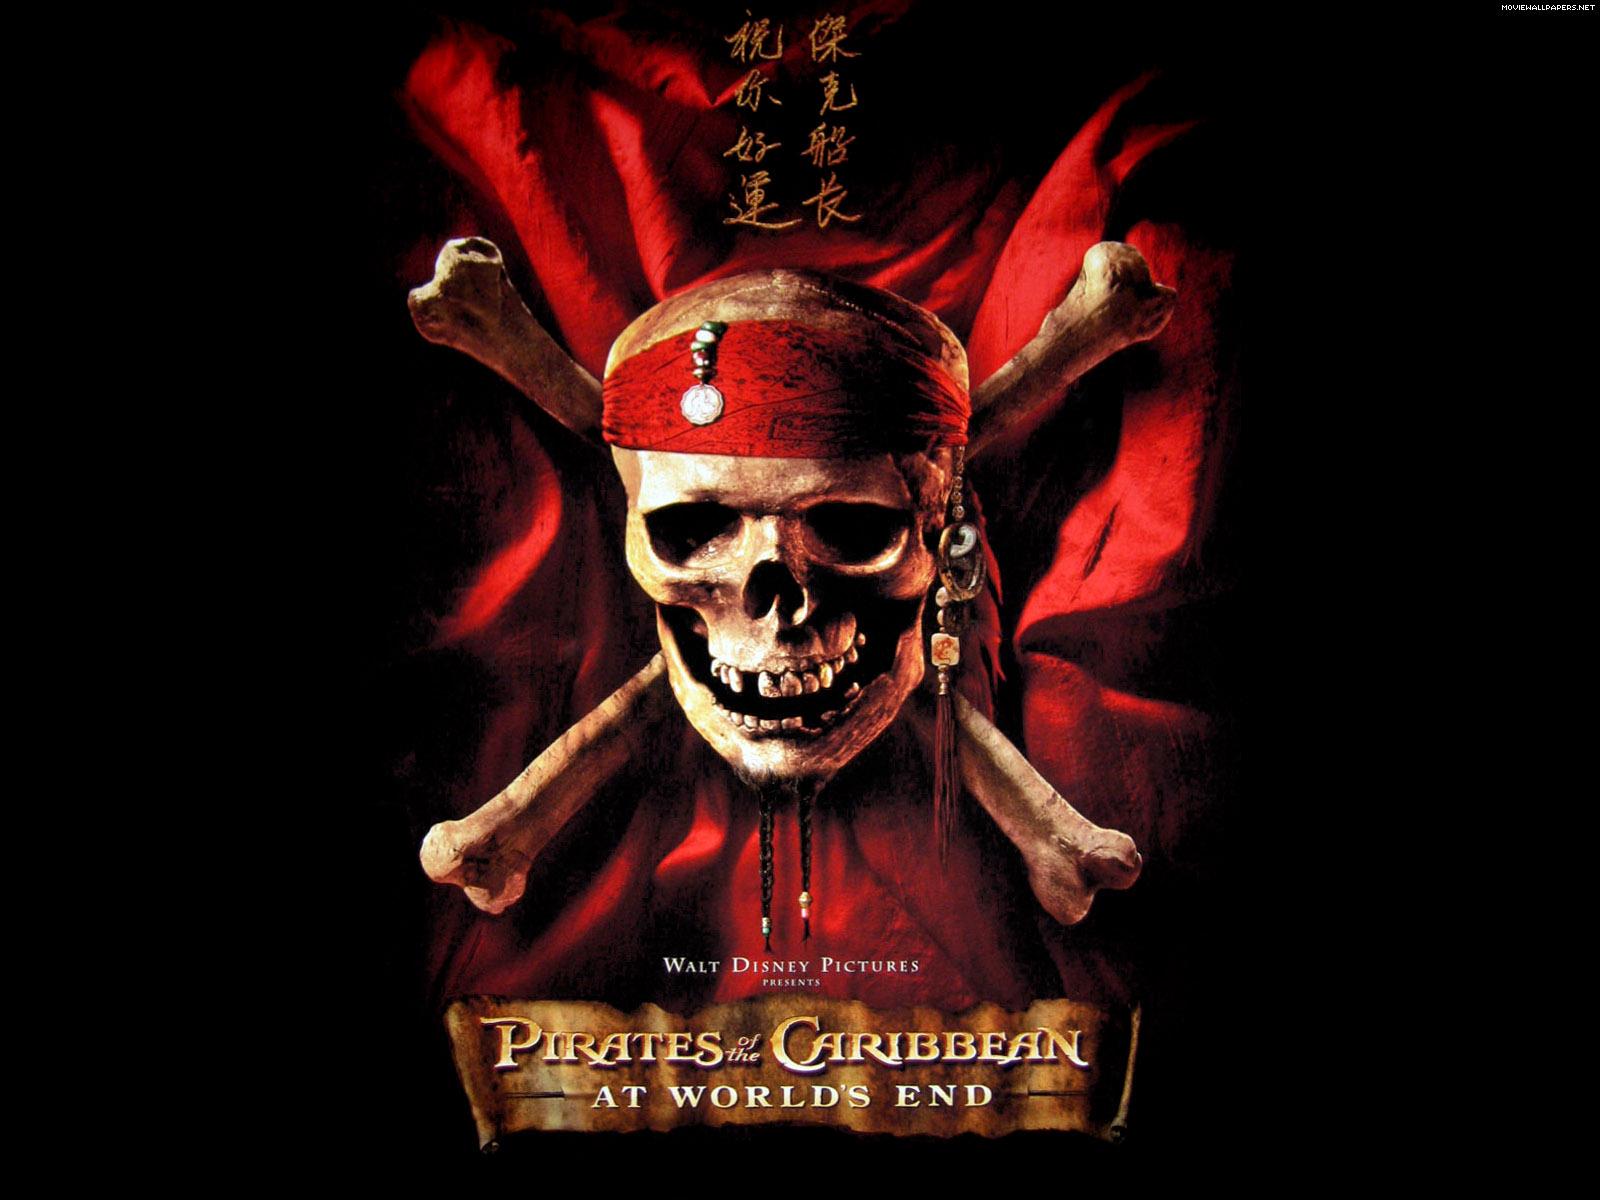 http://1.bp.blogspot.com/-L71M_G1T9RY/TkU2e87OYwI/AAAAAAAABAc/Btv-jsQsiUQ/s1600/pirates-of-the-caribbean_0004.jpg